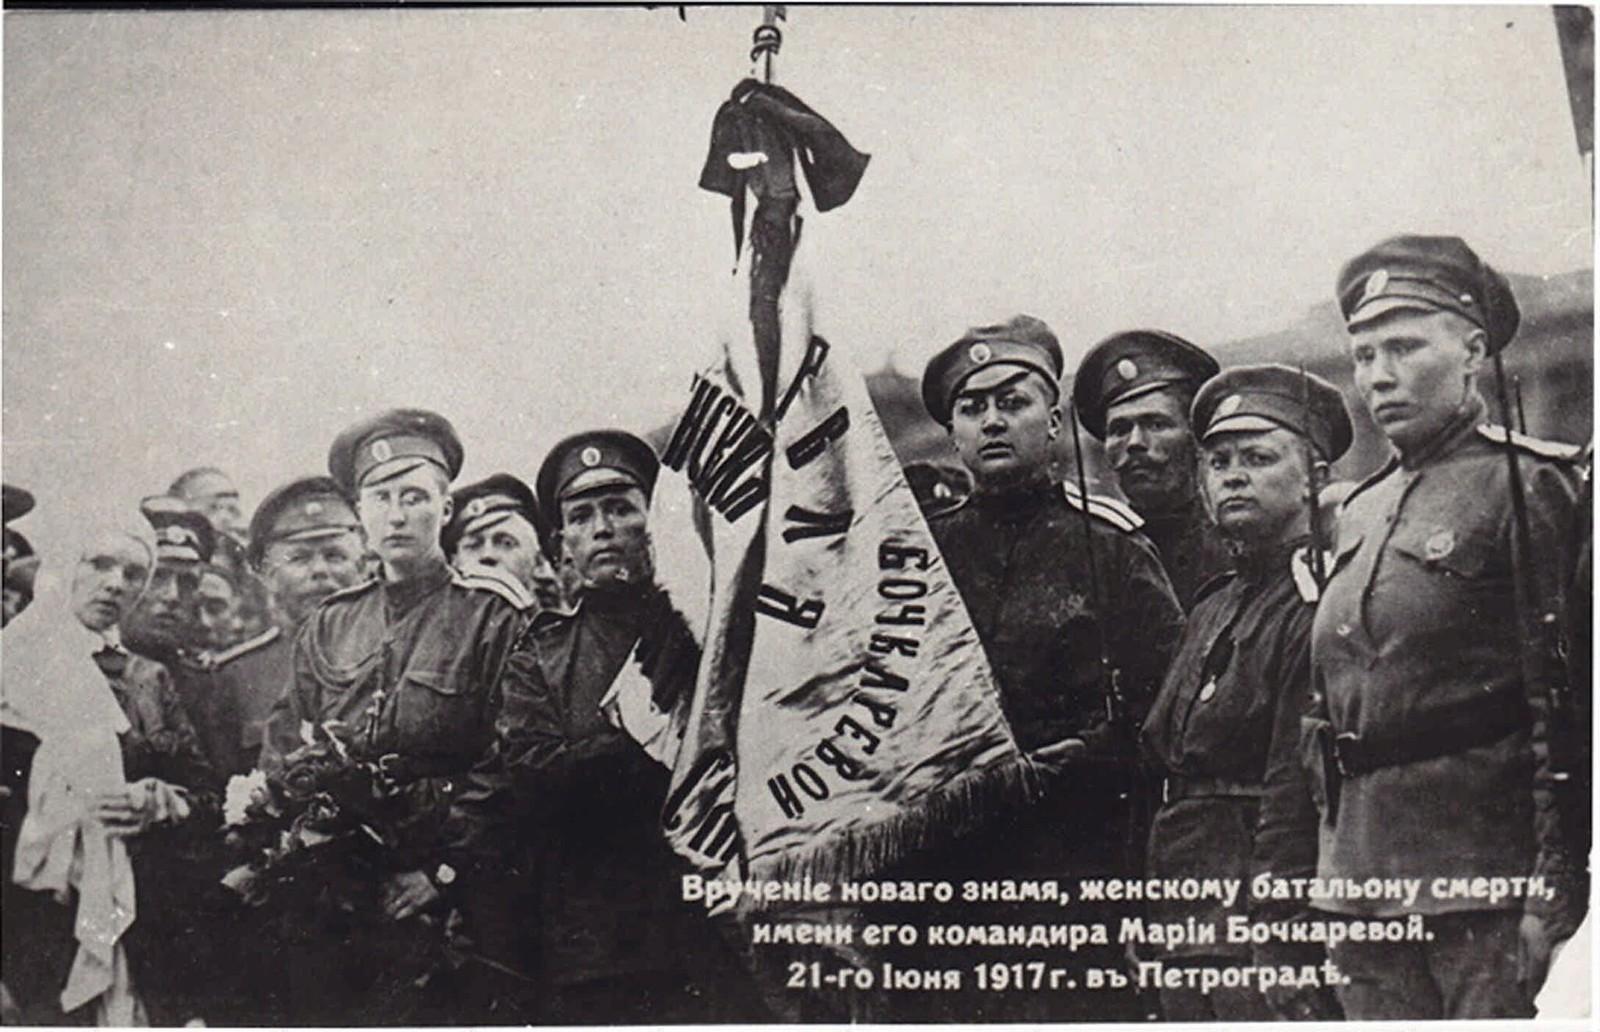 1917. Вручение нового знамени женскому батальону смерти имени его командира Марии Бочкаревой. 21 июня (6 июля)